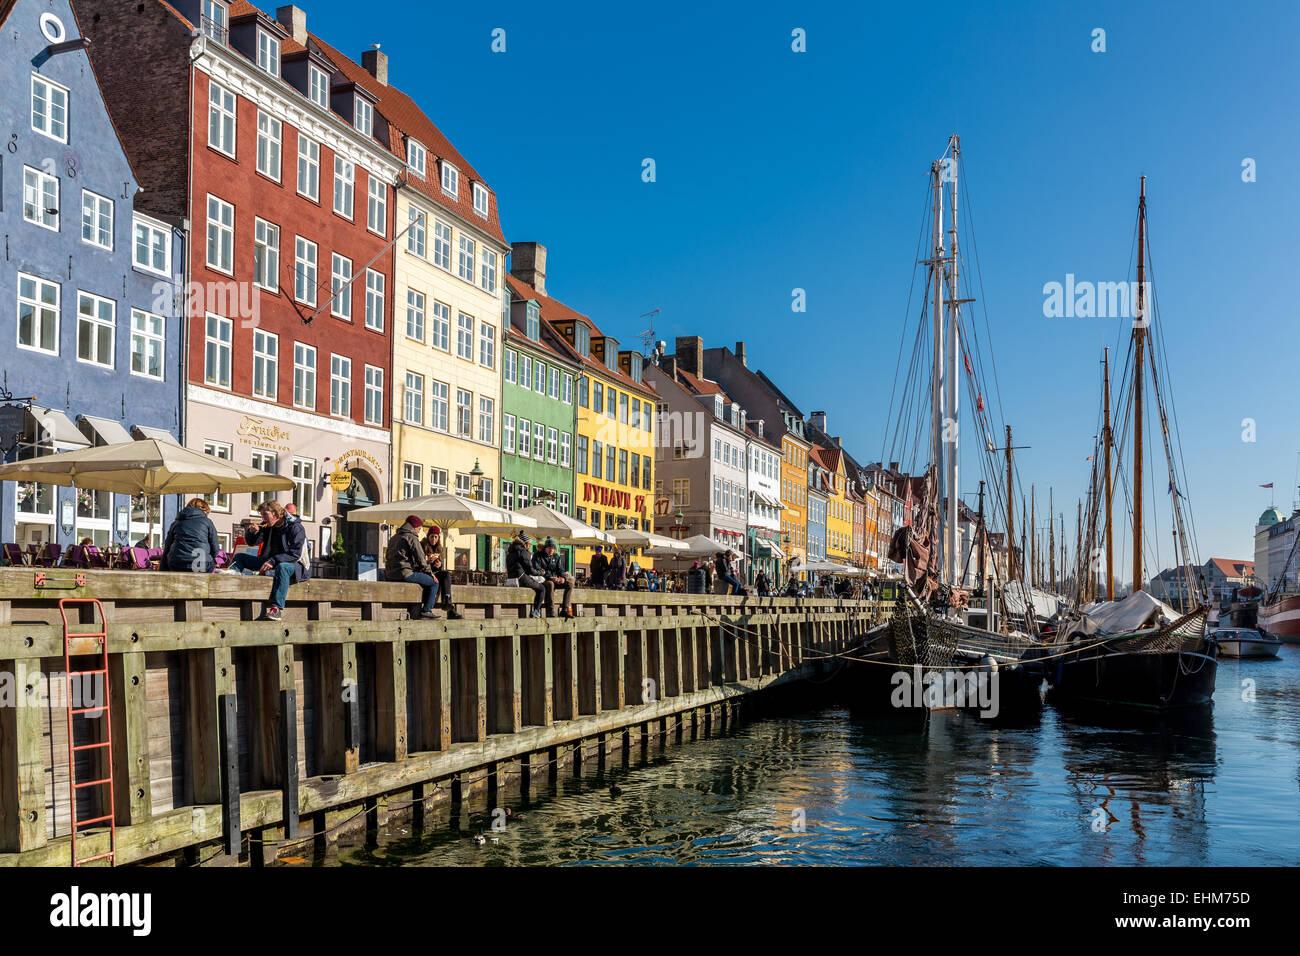 Nyhavn Kanal, Nyhavn, Kopenhagen, Dänemark Stockbild